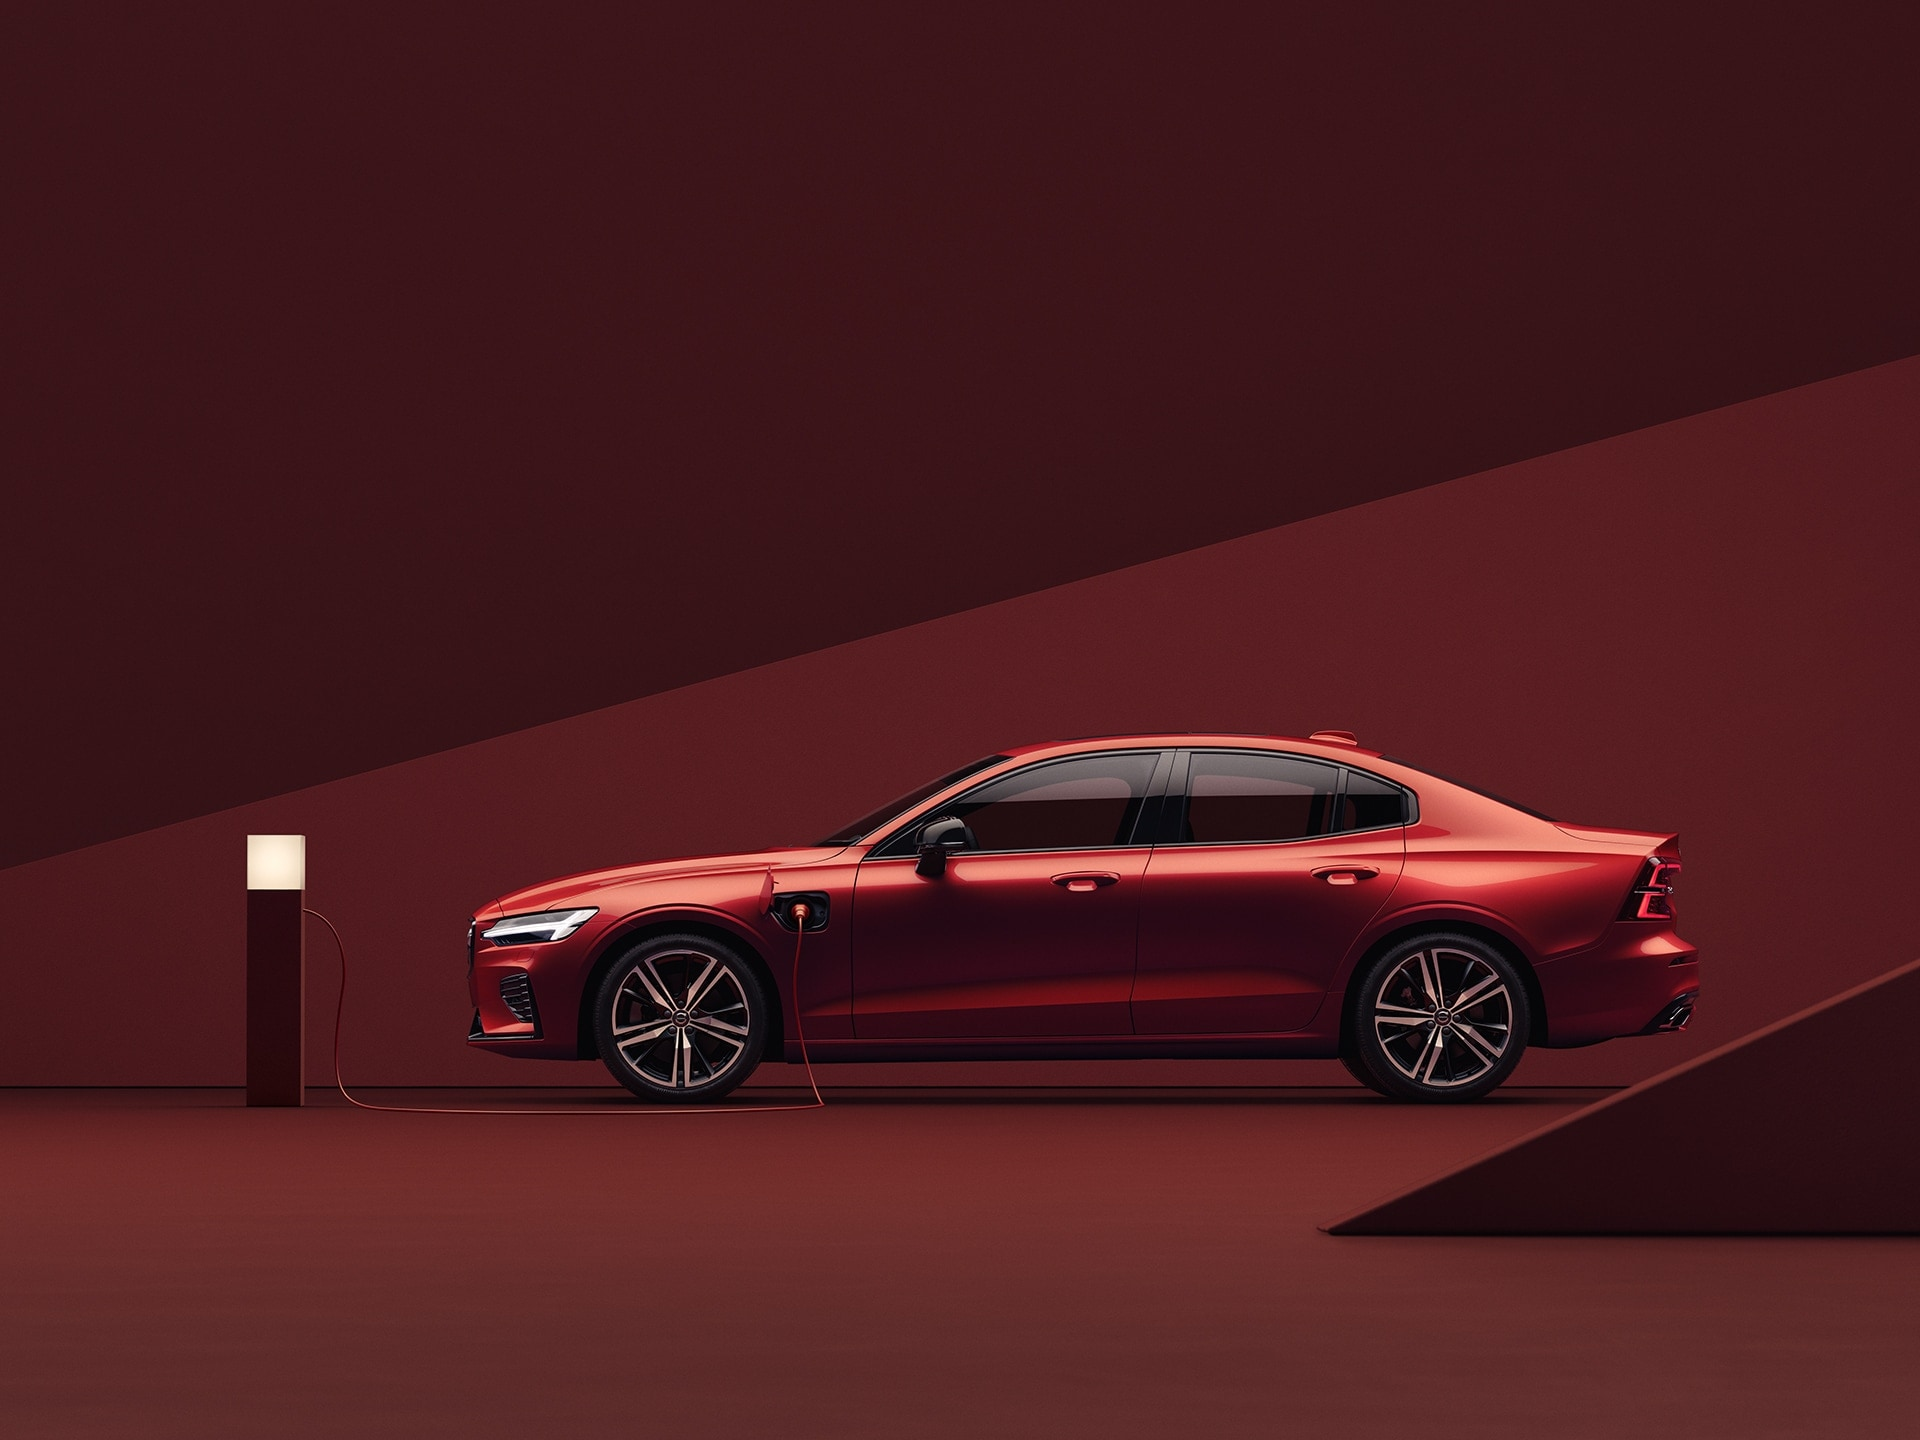 Une Volvo S60 Recharge rouge, en charge dans un environnement rouge.